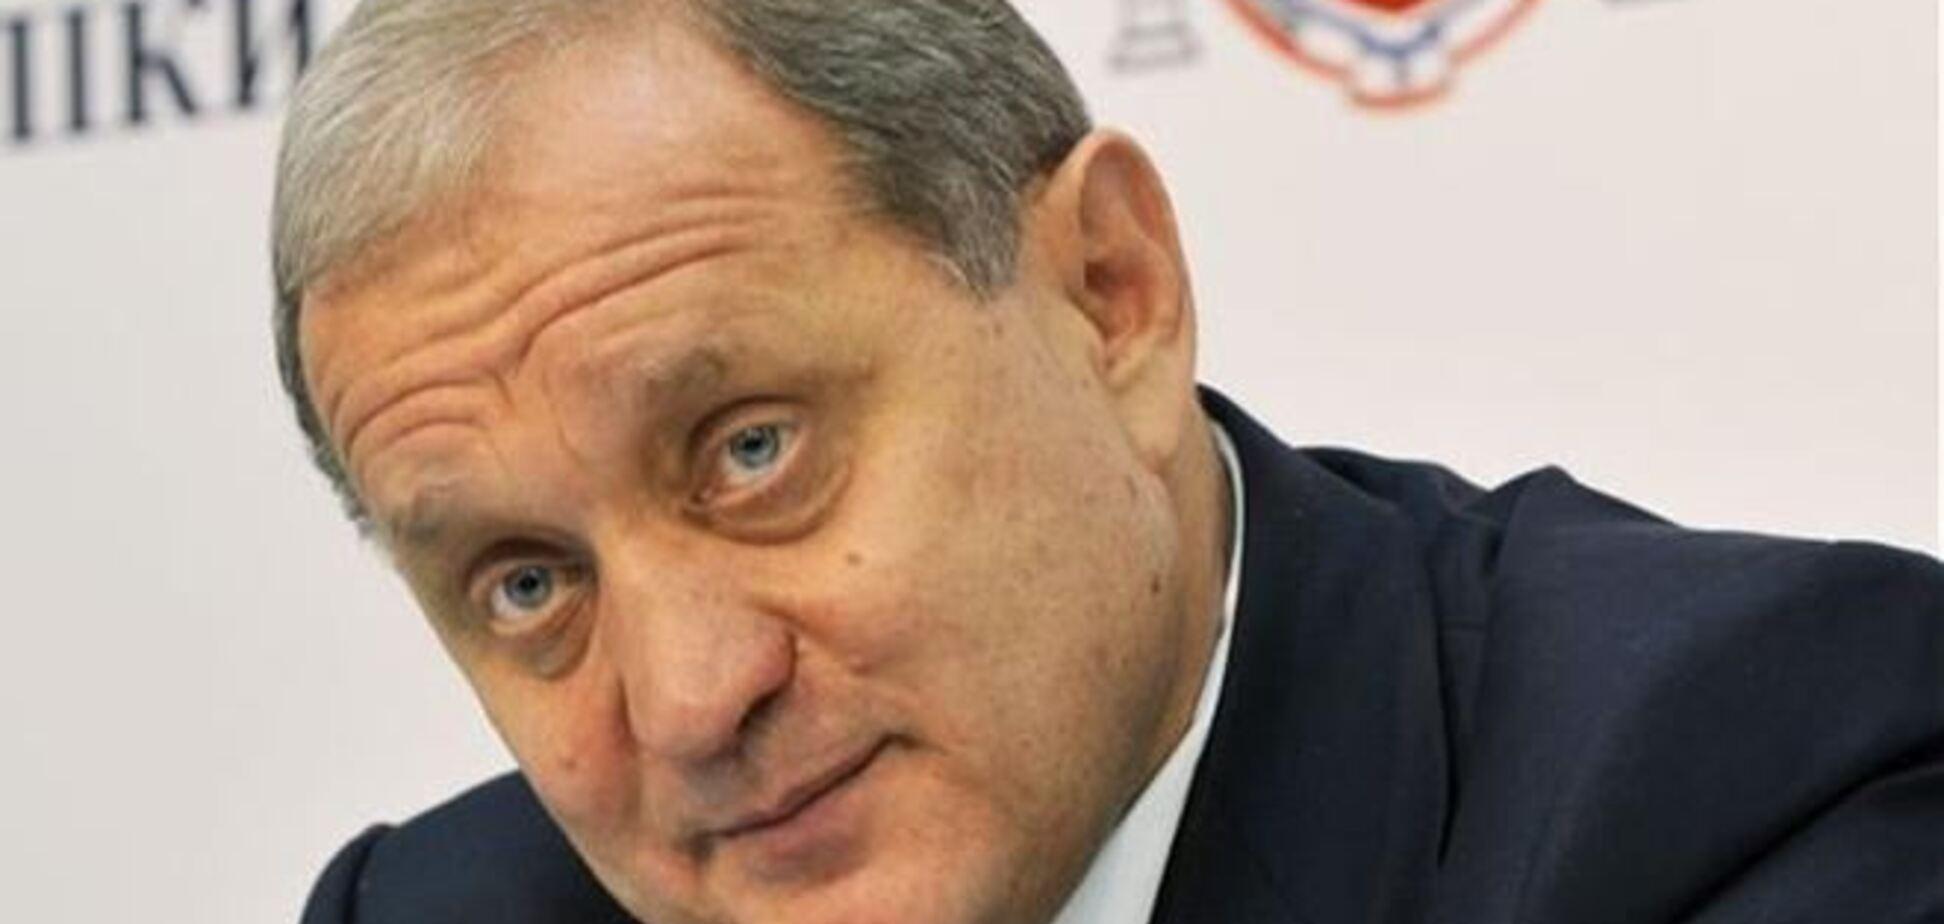 Могилев: кресло премьера в Крыму - пороховая бочка